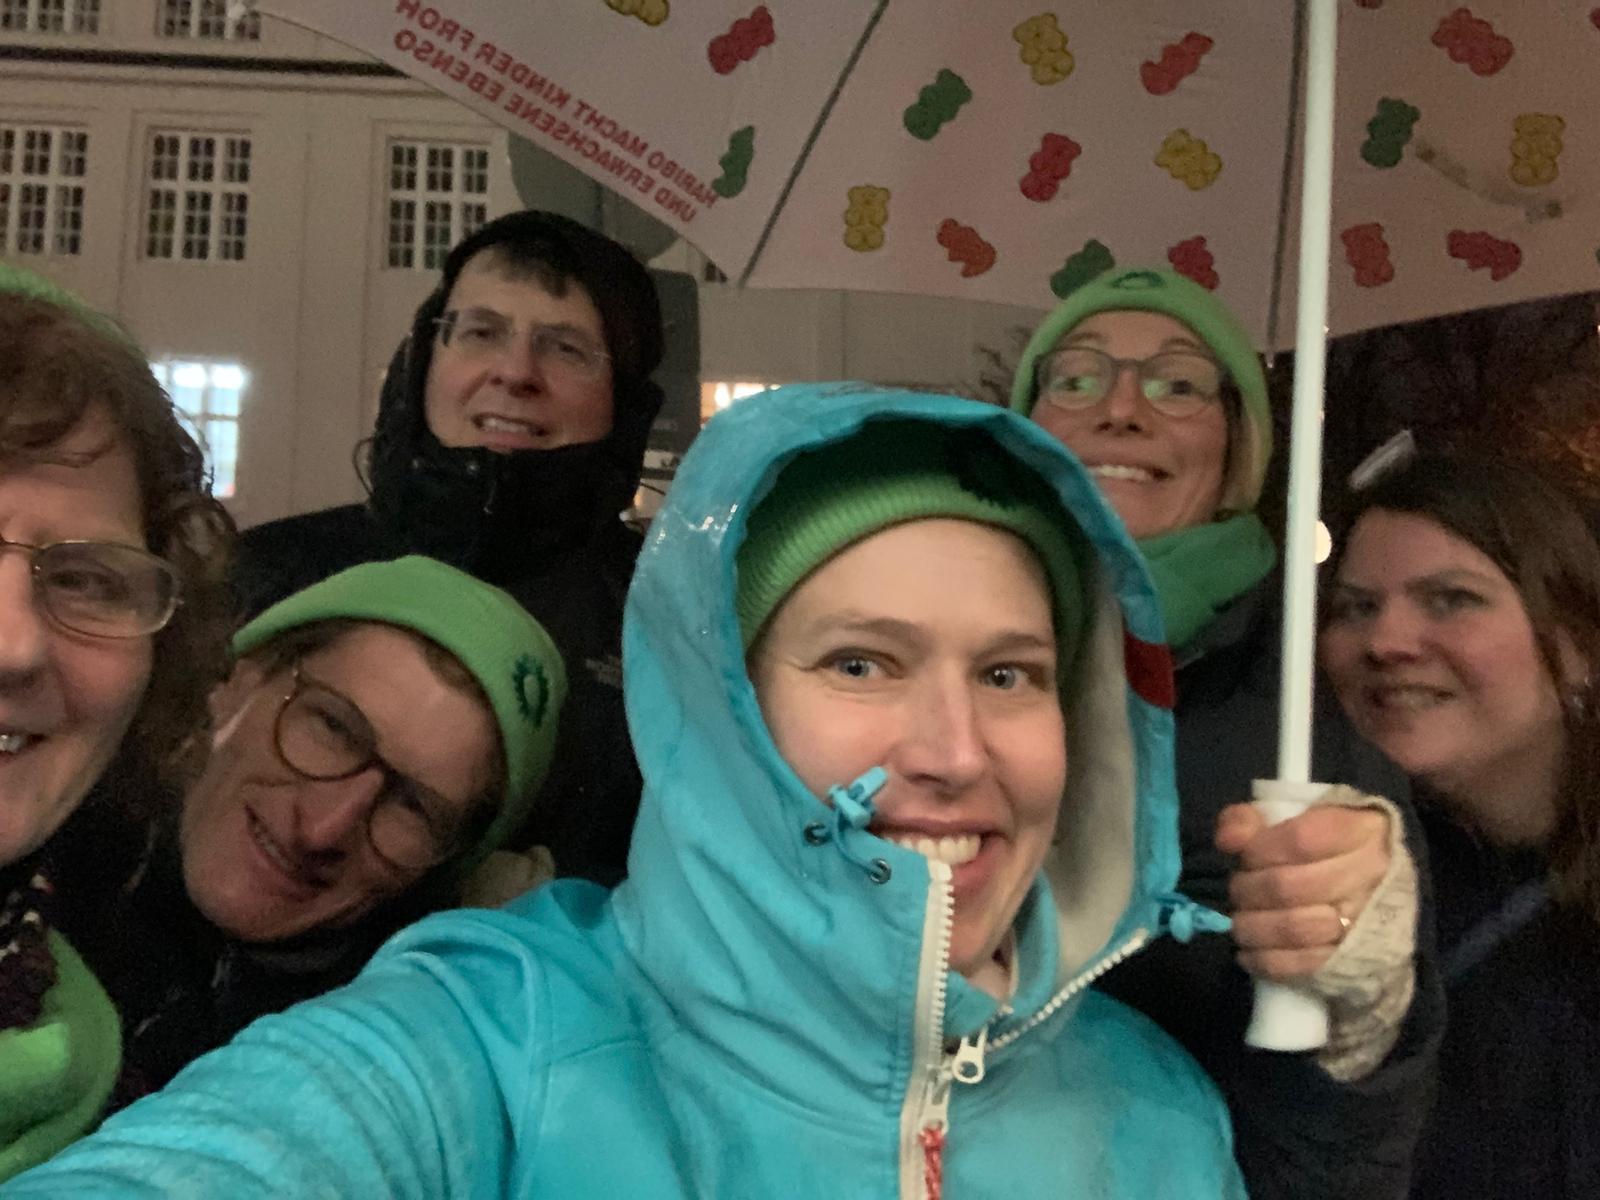 Auftakt des Haustürwahlkampfes trotz strömenden Regens mit (v.l.n.r) Ursula Meier-Credner, Paul Höcherl, Herwart Kiram, Dr. Hannah Gerstenkorn, Doris Kubista und Alexia Hollub